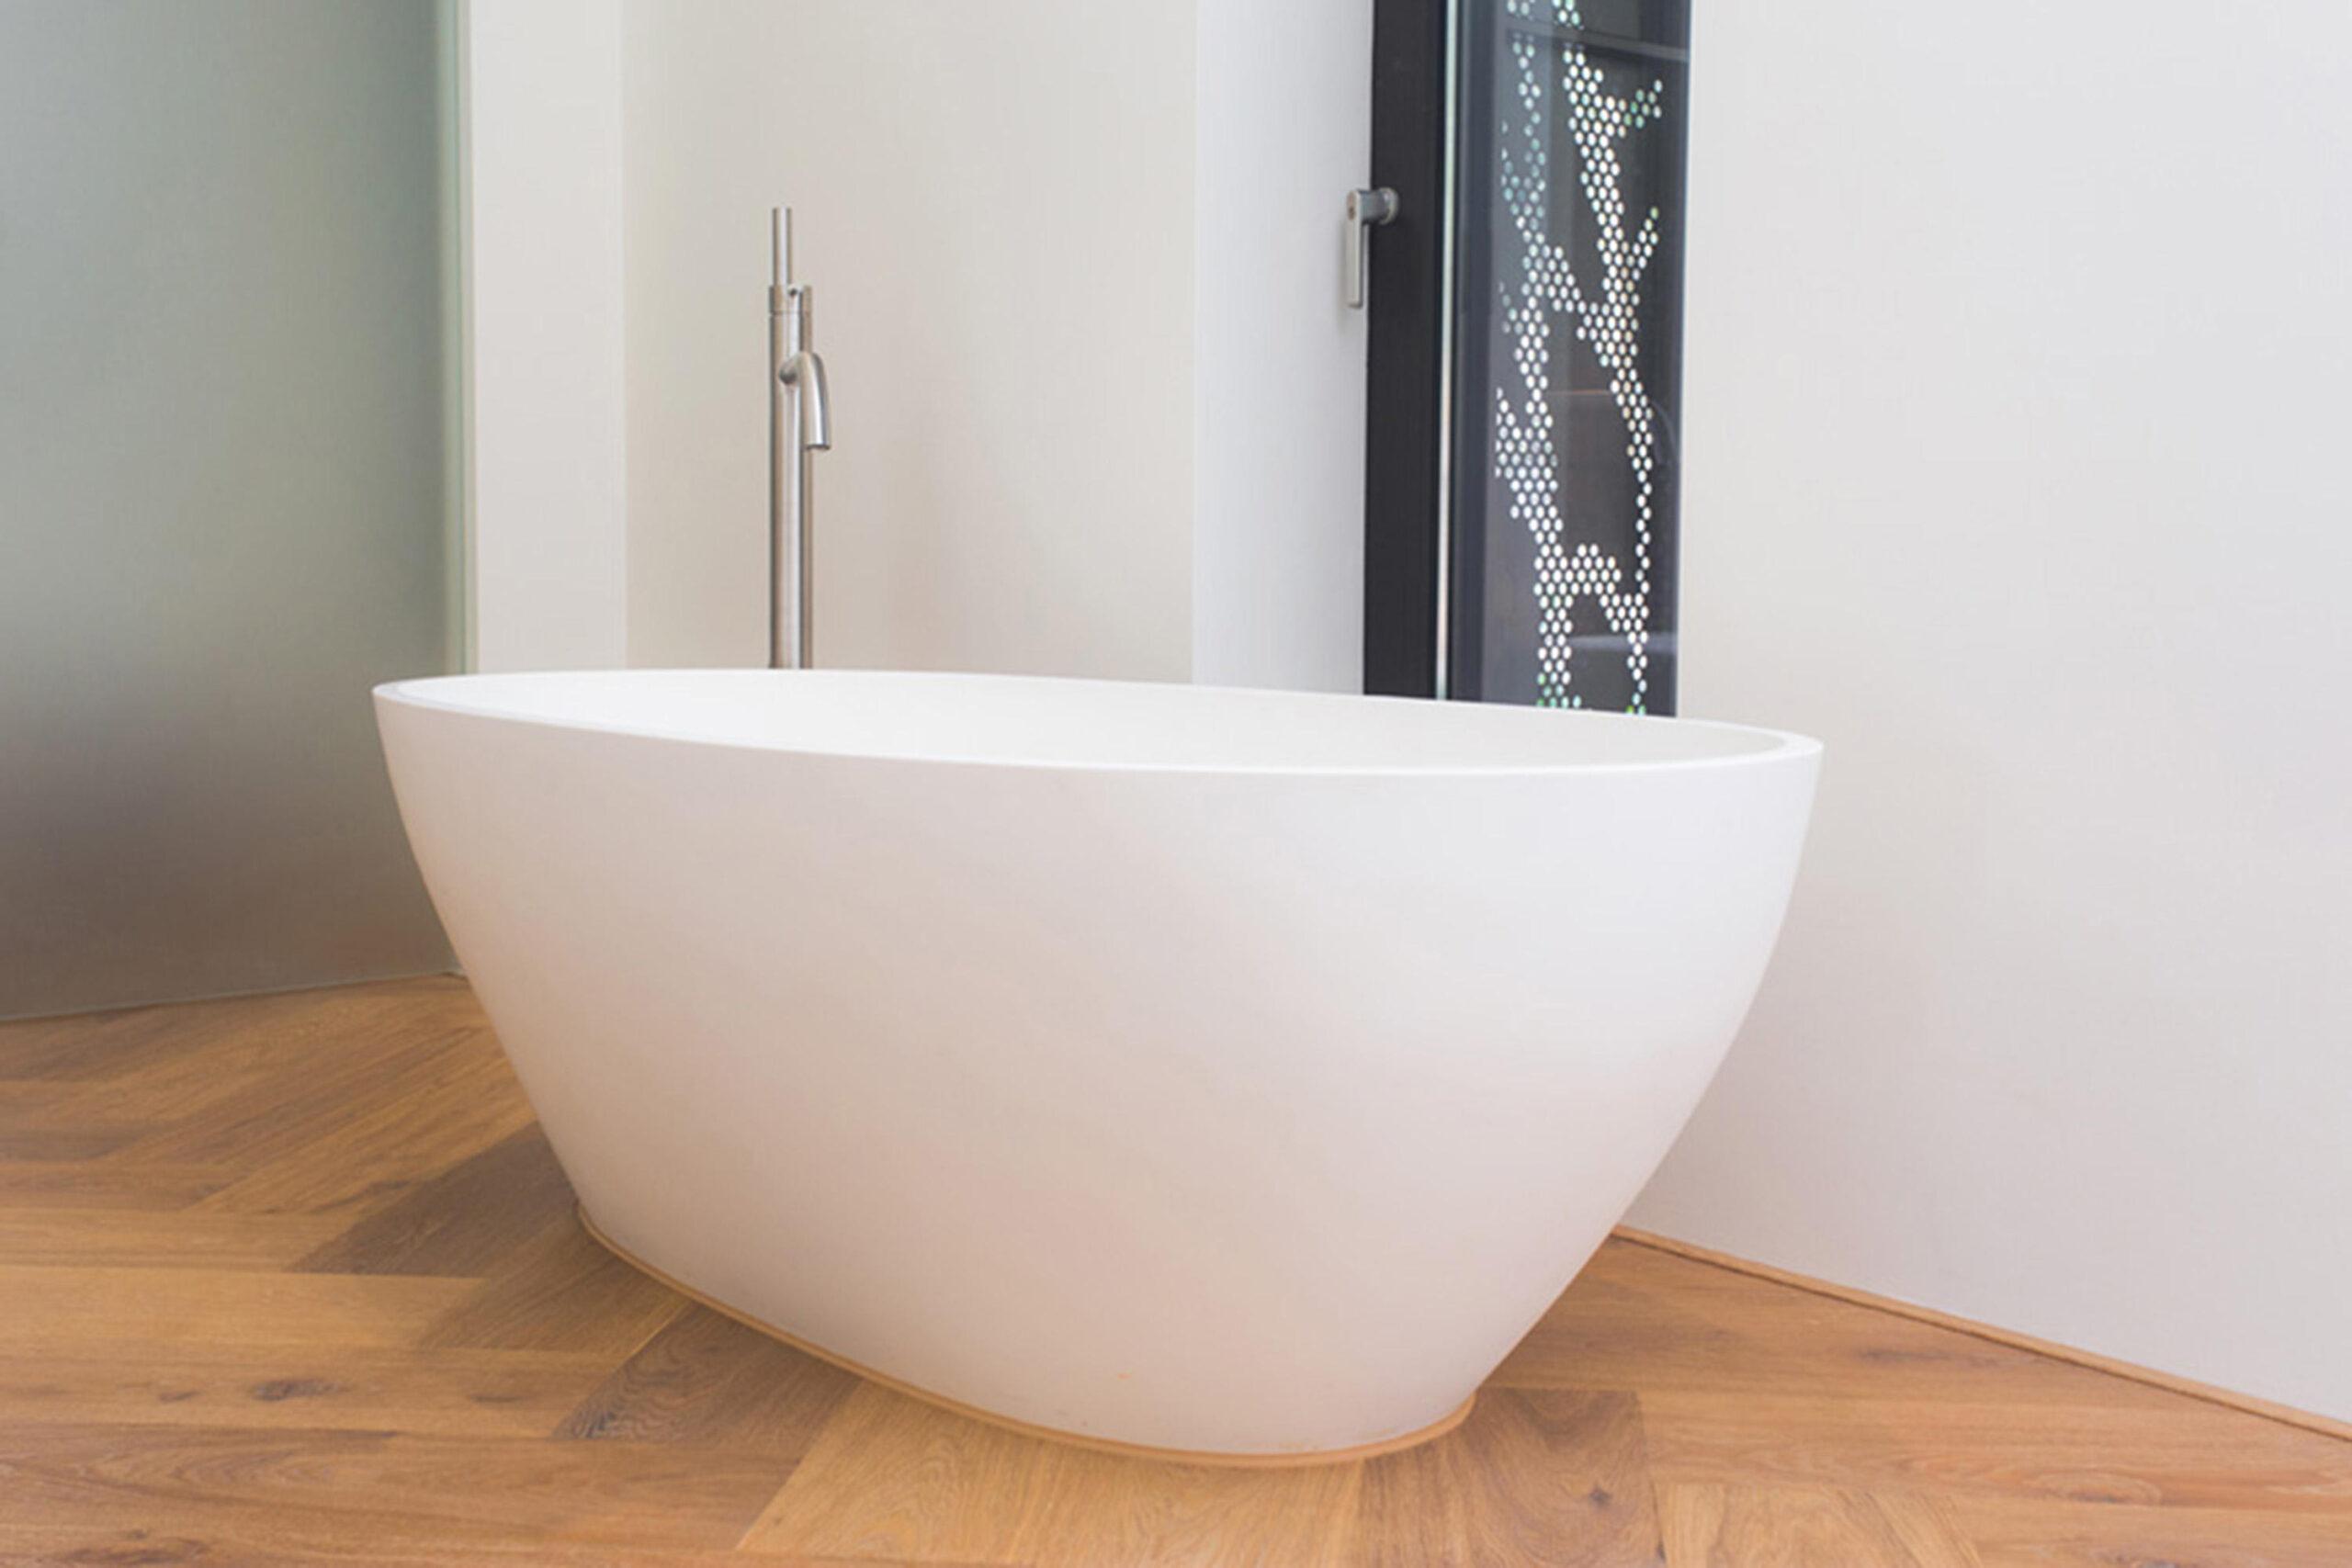 Full Size of Cocoon Küchen Atlantis Free Standing Bathtub Architonic Regal Wohnzimmer Cocoon Küchen